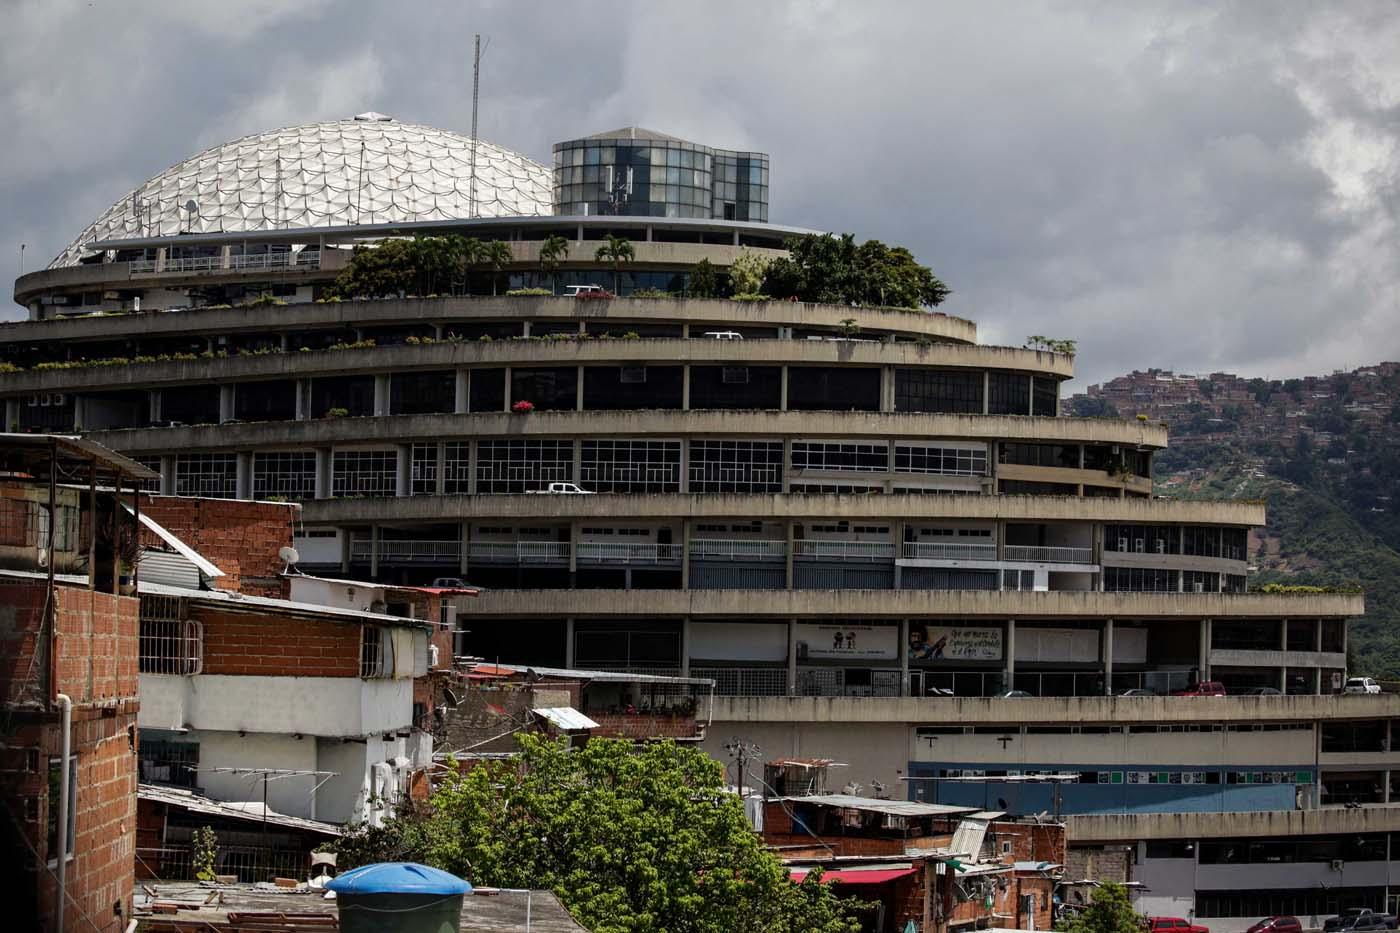 """ACOMPAÑA CRÓNICA: VENEZUELA CRISIS - CR01. CARACAS (VENEZUELA), 28/07/2017.- Fotografía del edificio """"El Helicoide"""", sede del Servicio Bolivariano de Inteligencia (Sebin) y lugar de detención de la mayor parte de los detenidos en protestas que siguen privados de libertad, y algunos de los casi 500 presos políticos hoy, viernes 28 de julio de 2017, en Caracas (Venezuela). Una media de 40 personas, en su mayoría estudiantes, han sido detenidas cada día en Venezuela por delitos como """"terrorismo"""" o """"insurrección"""" desde que empezara el 1 de abril la presente ola de protestas para exigir la renuncia del presidente Nicolás Maduro, en las que han muerto más de cien personas. EFE/CRÍSTIAN HERNÁNDEZ"""